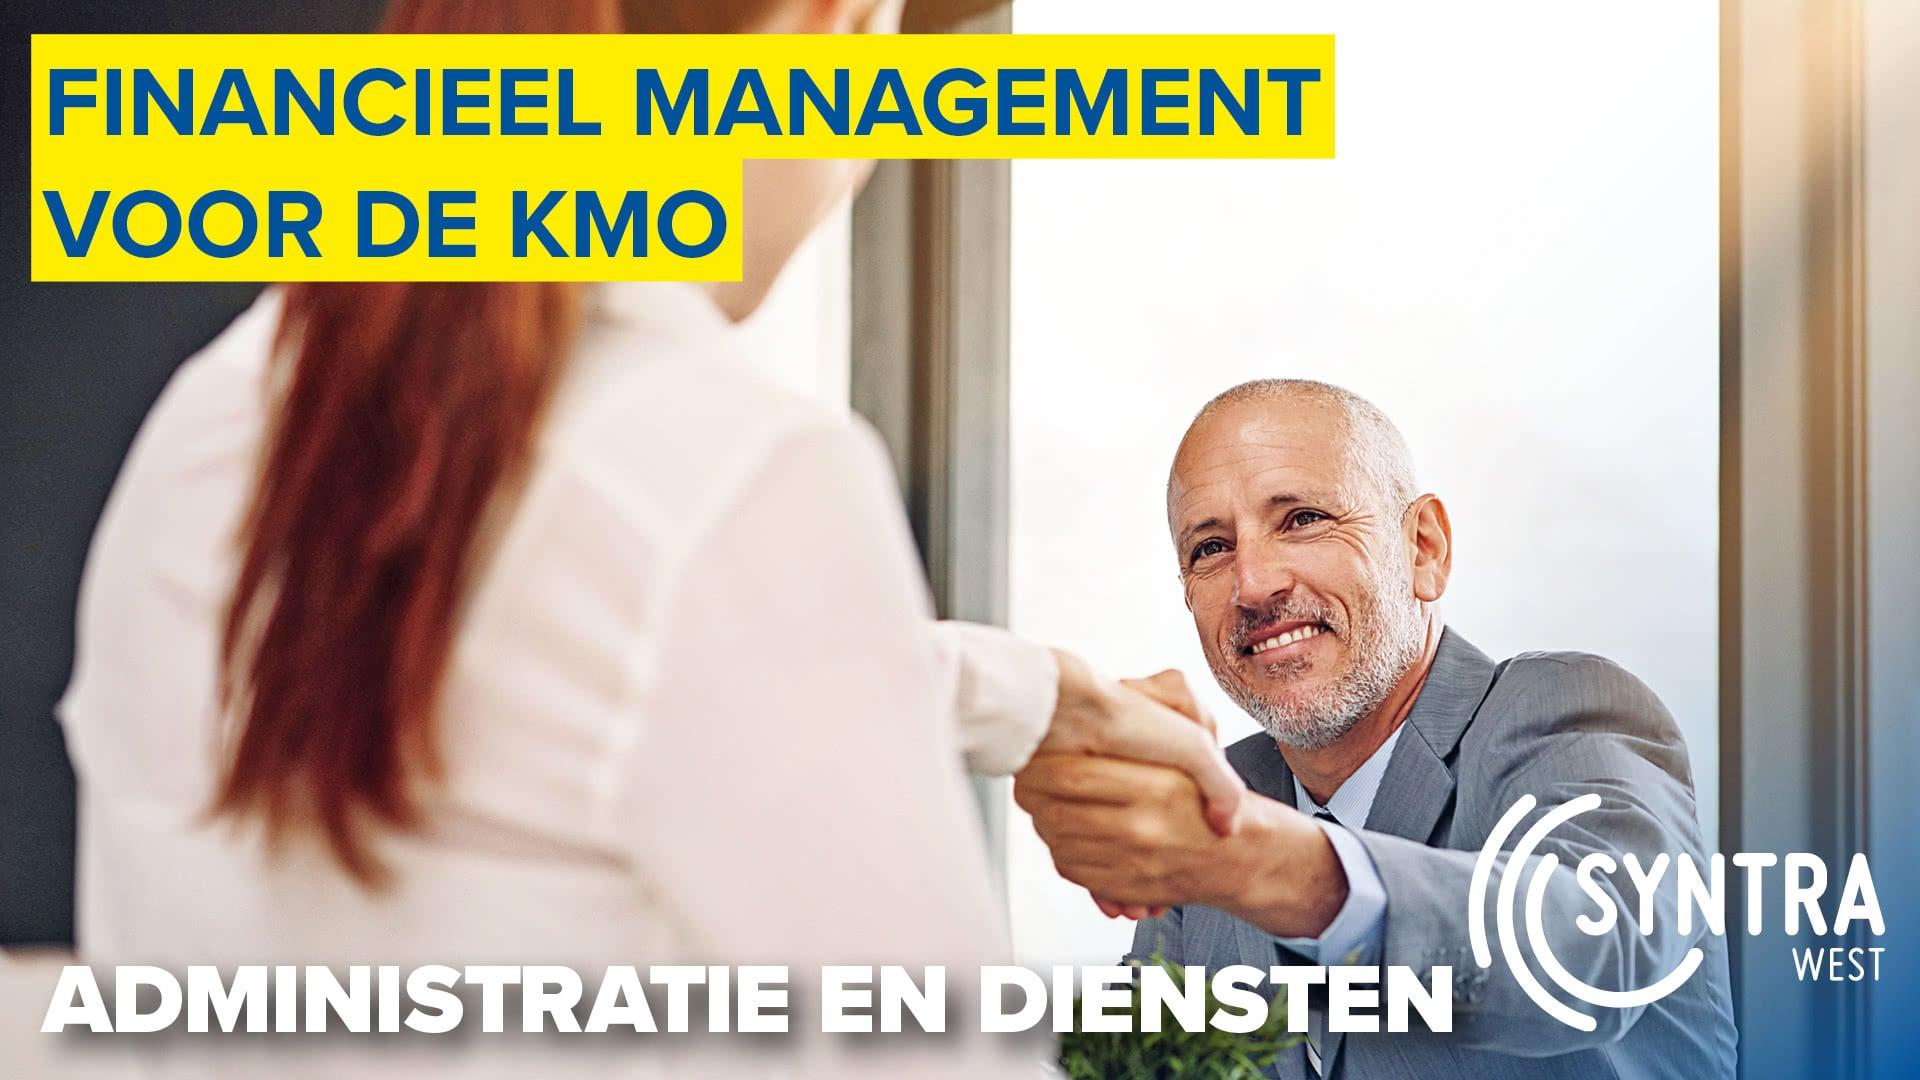 Financieel management voor de KMO